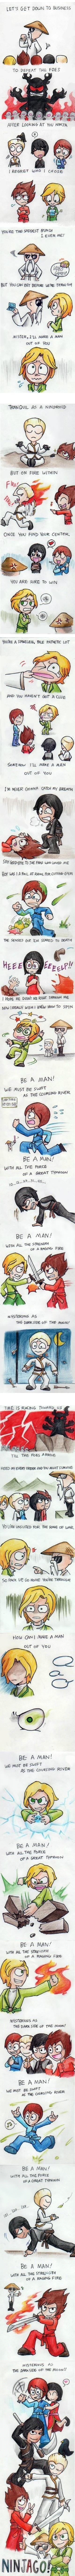 Make a Ninja out of you! HA HA HA NINJAGO<------- this is the best cartoon i've seen of ninjago yet!